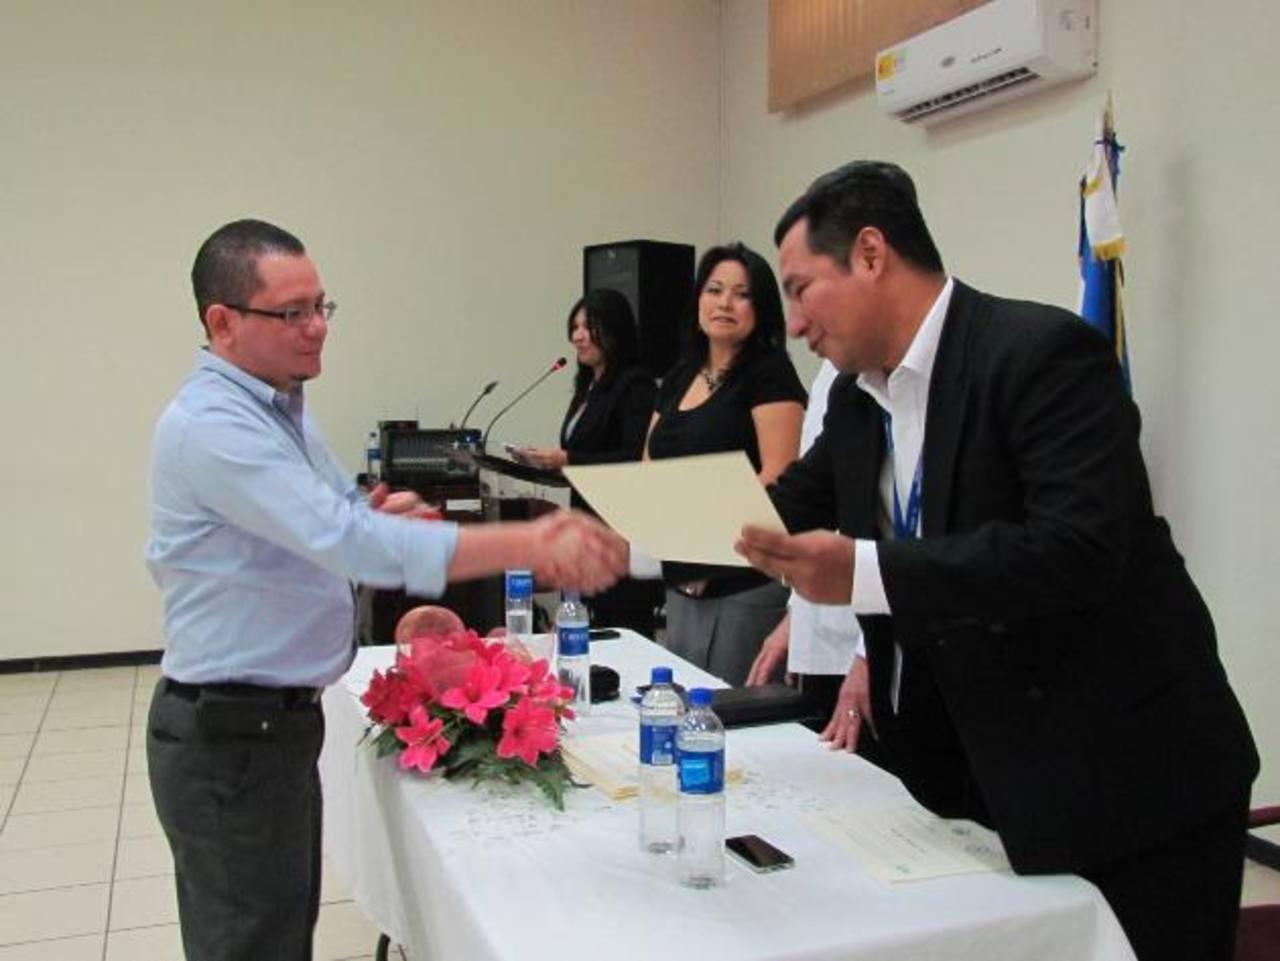 Los empleados del Ministerio de Salud fueron capacitados durante cinco meses. Foto EDH / MAURICIO GUEVARA